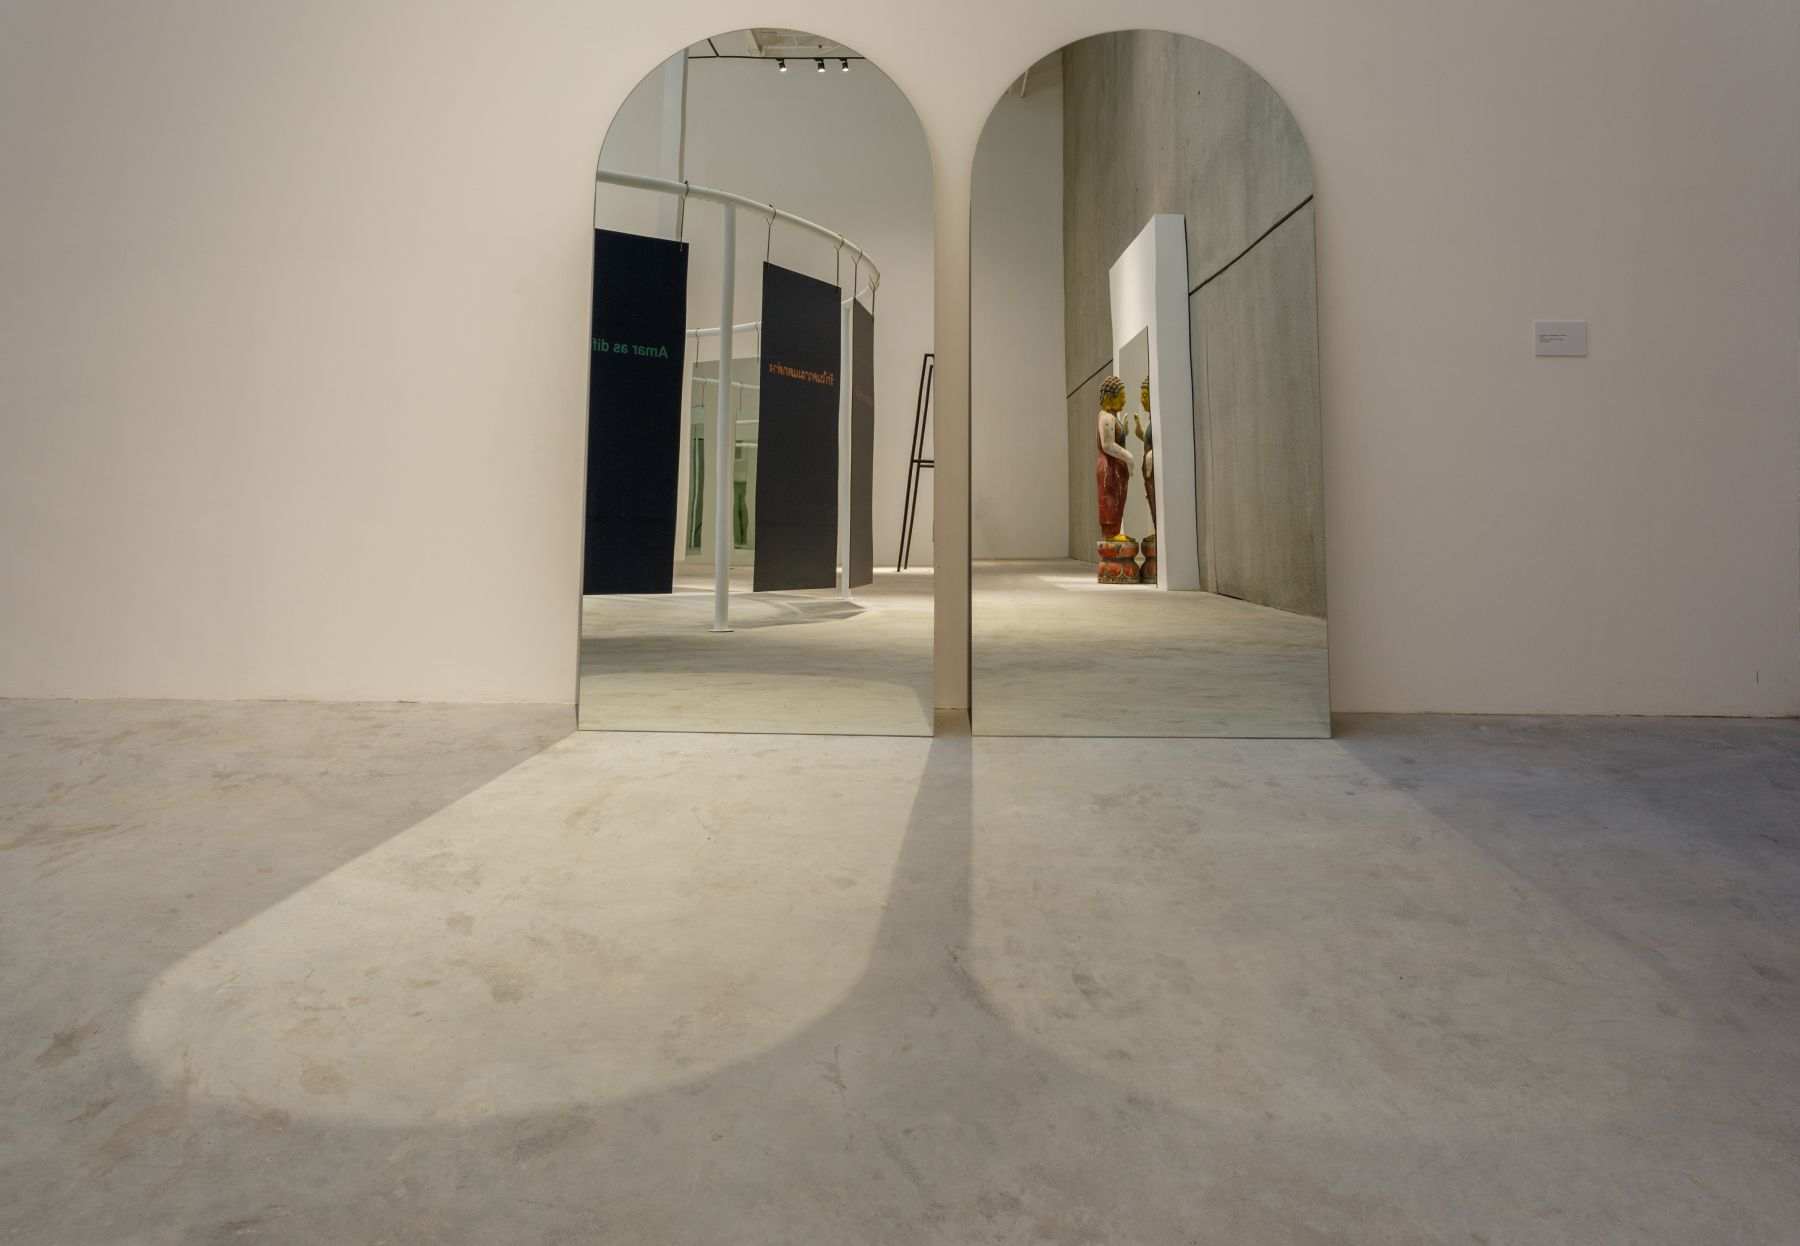 Il tempo del gludizio: Embraico (The Time of Judgement: Judaism), 2009-2011, 2 mirrors